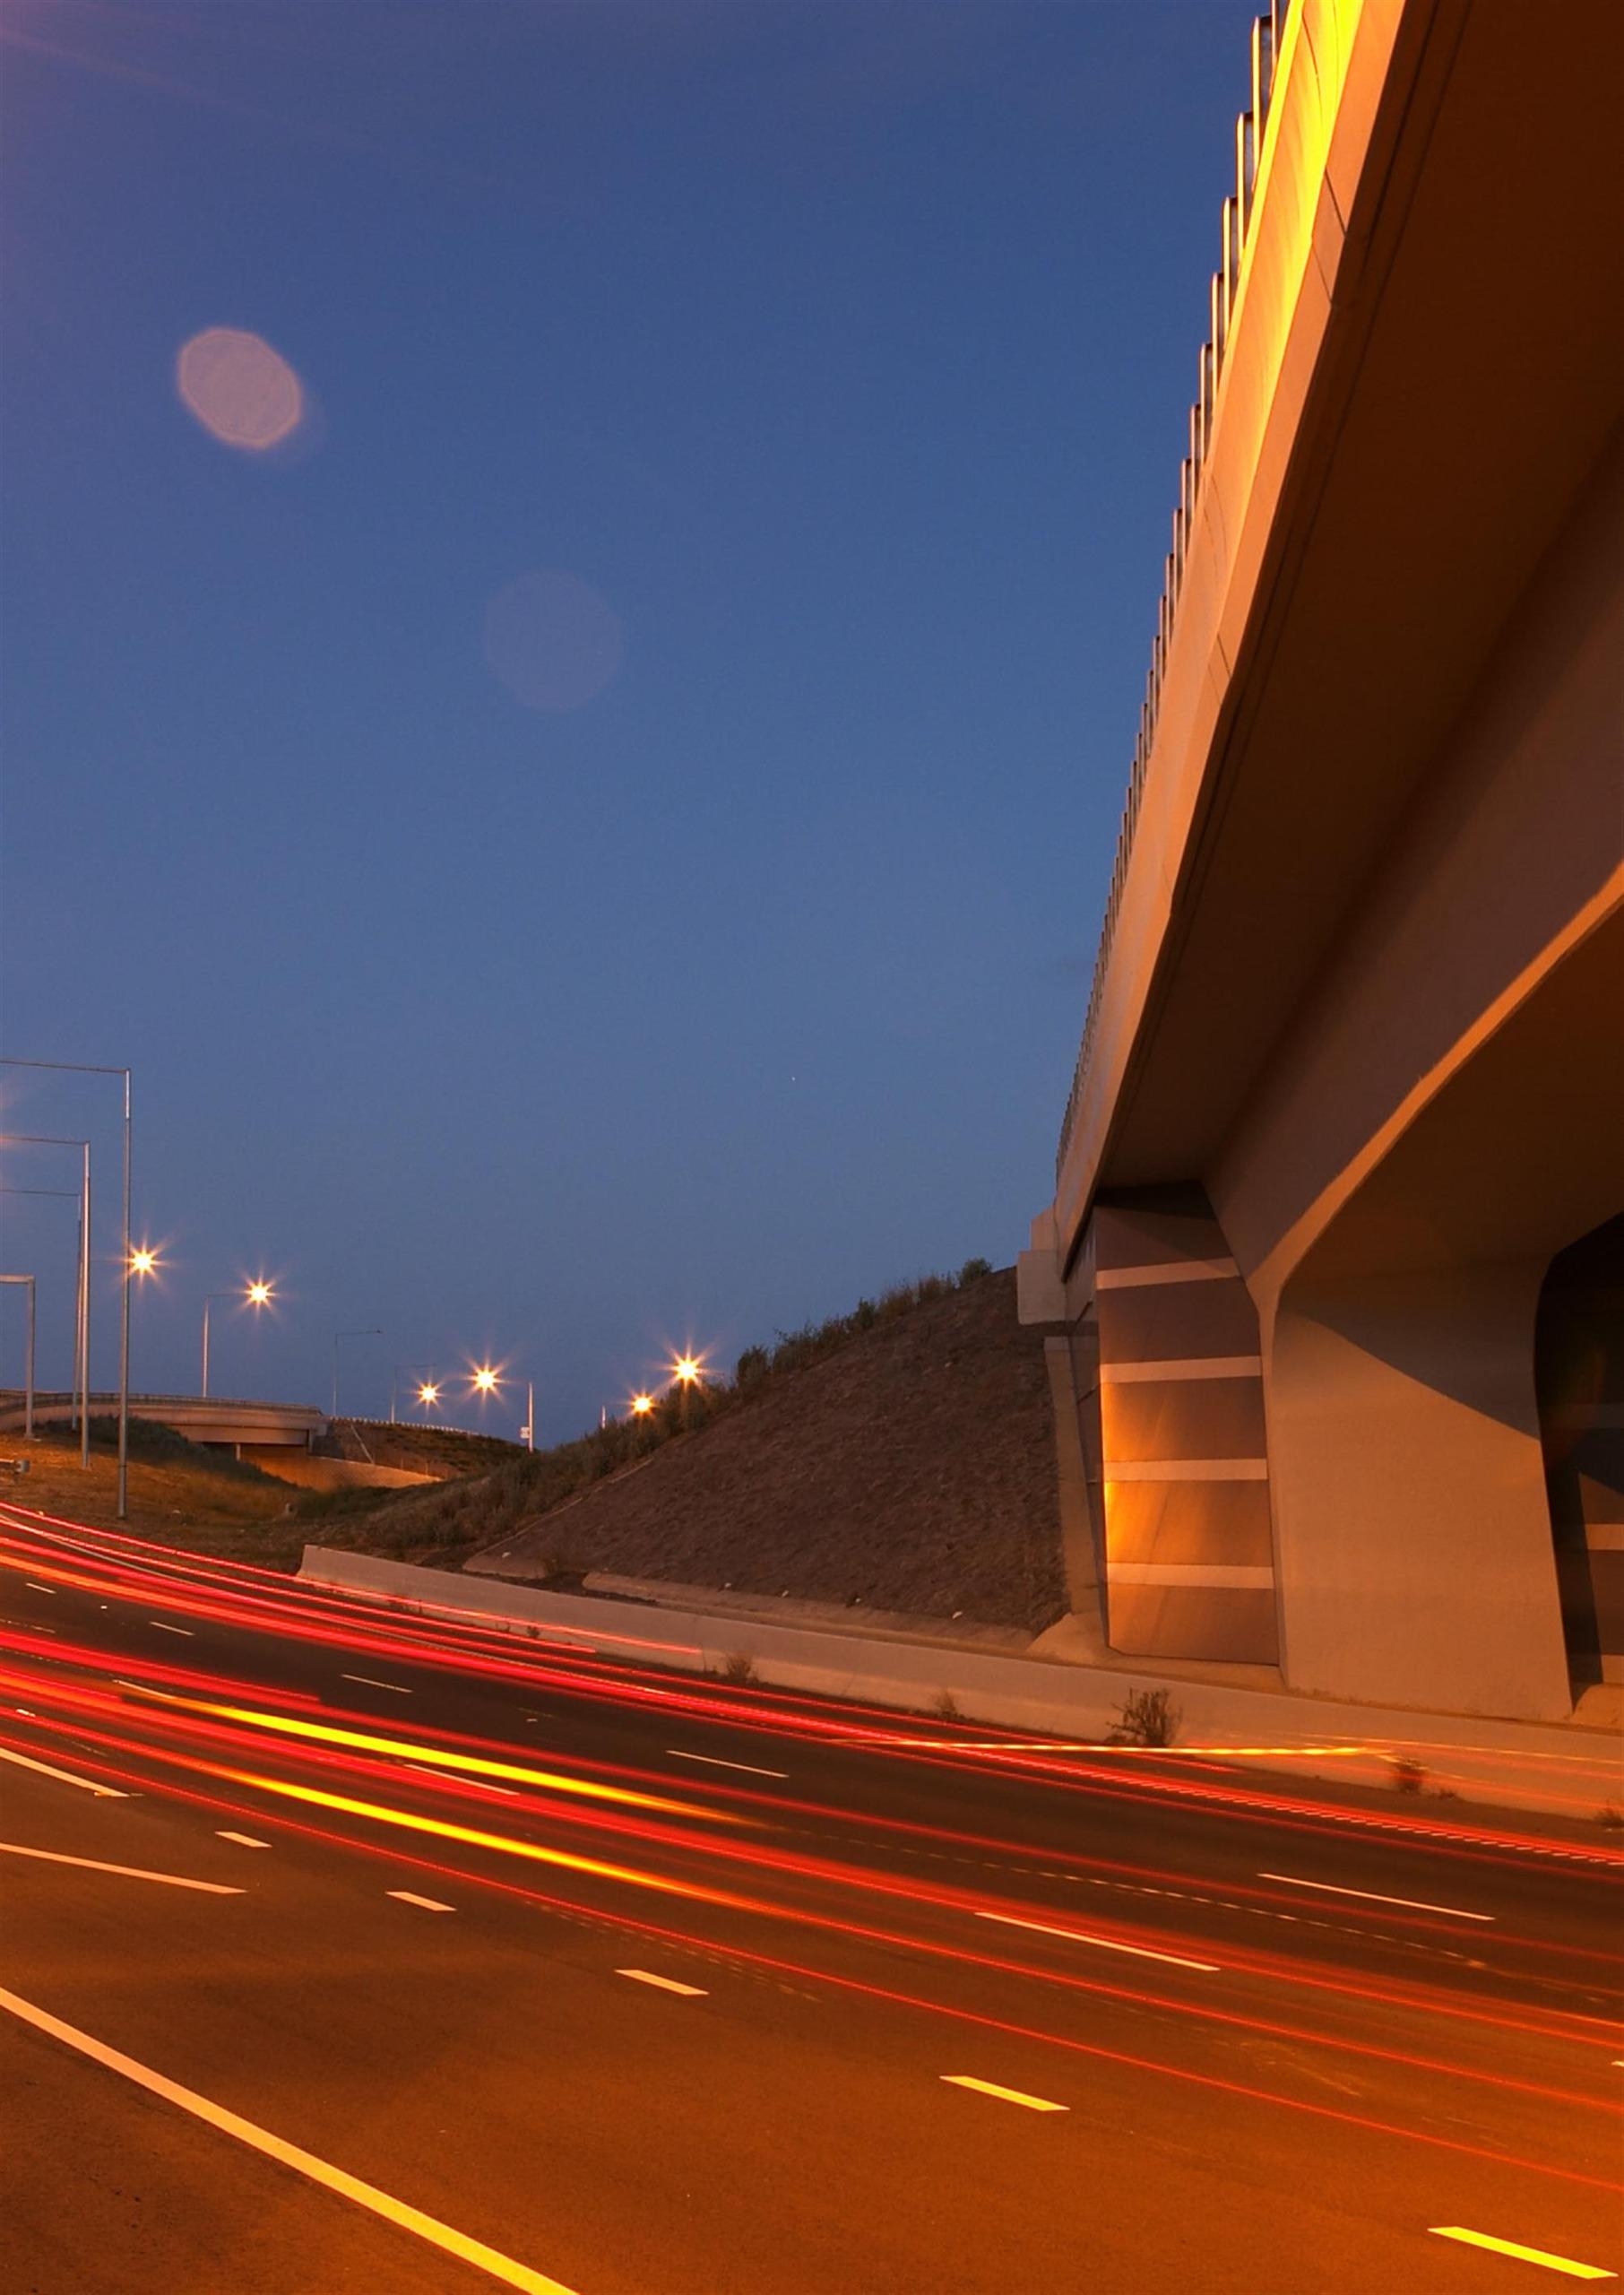 Image of freeway at night